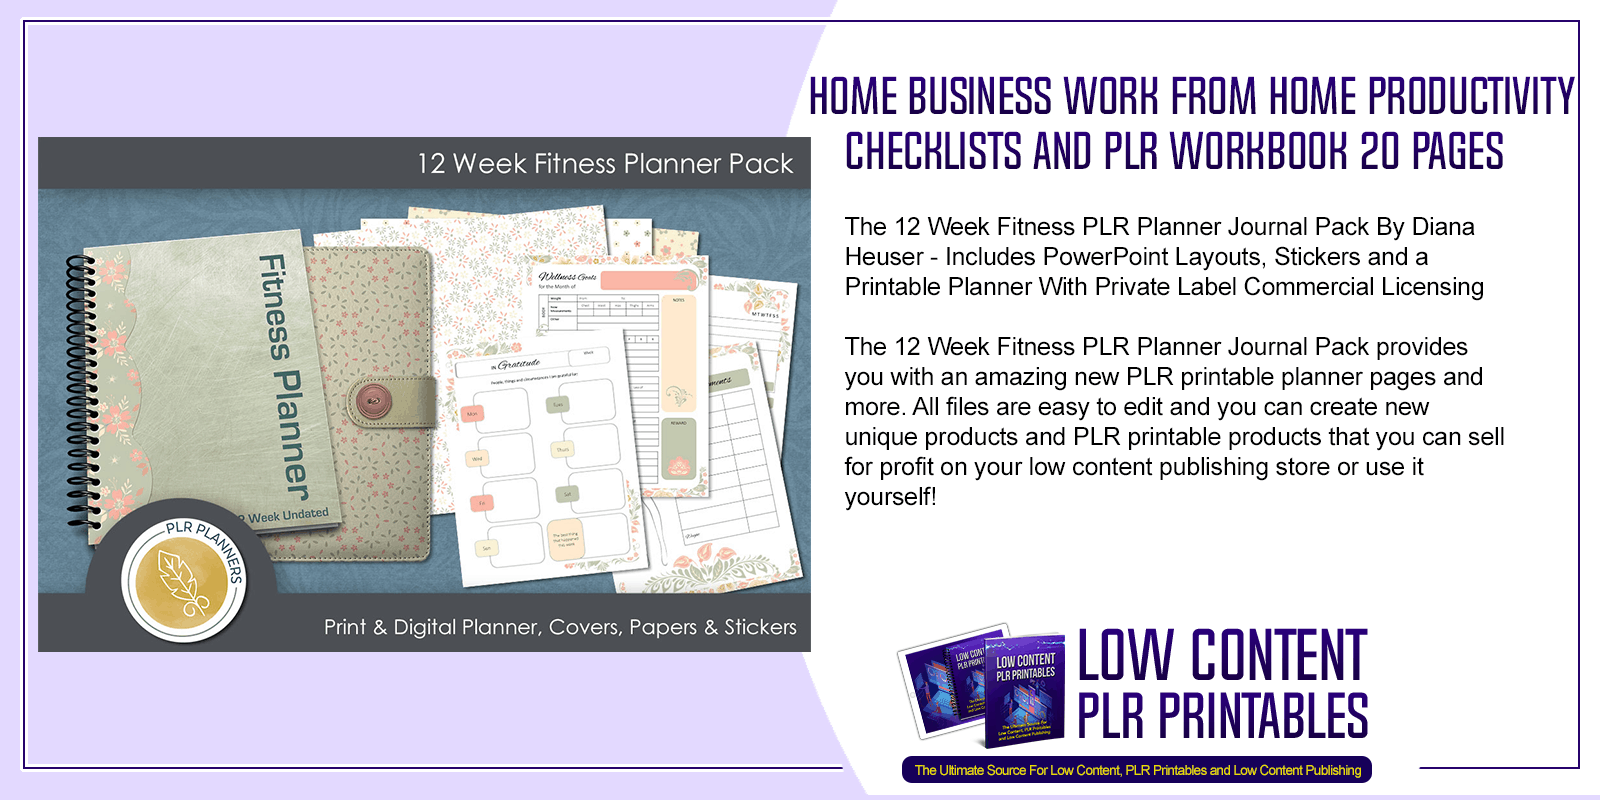 12 Week Fitness PLR Planner Journal Pack